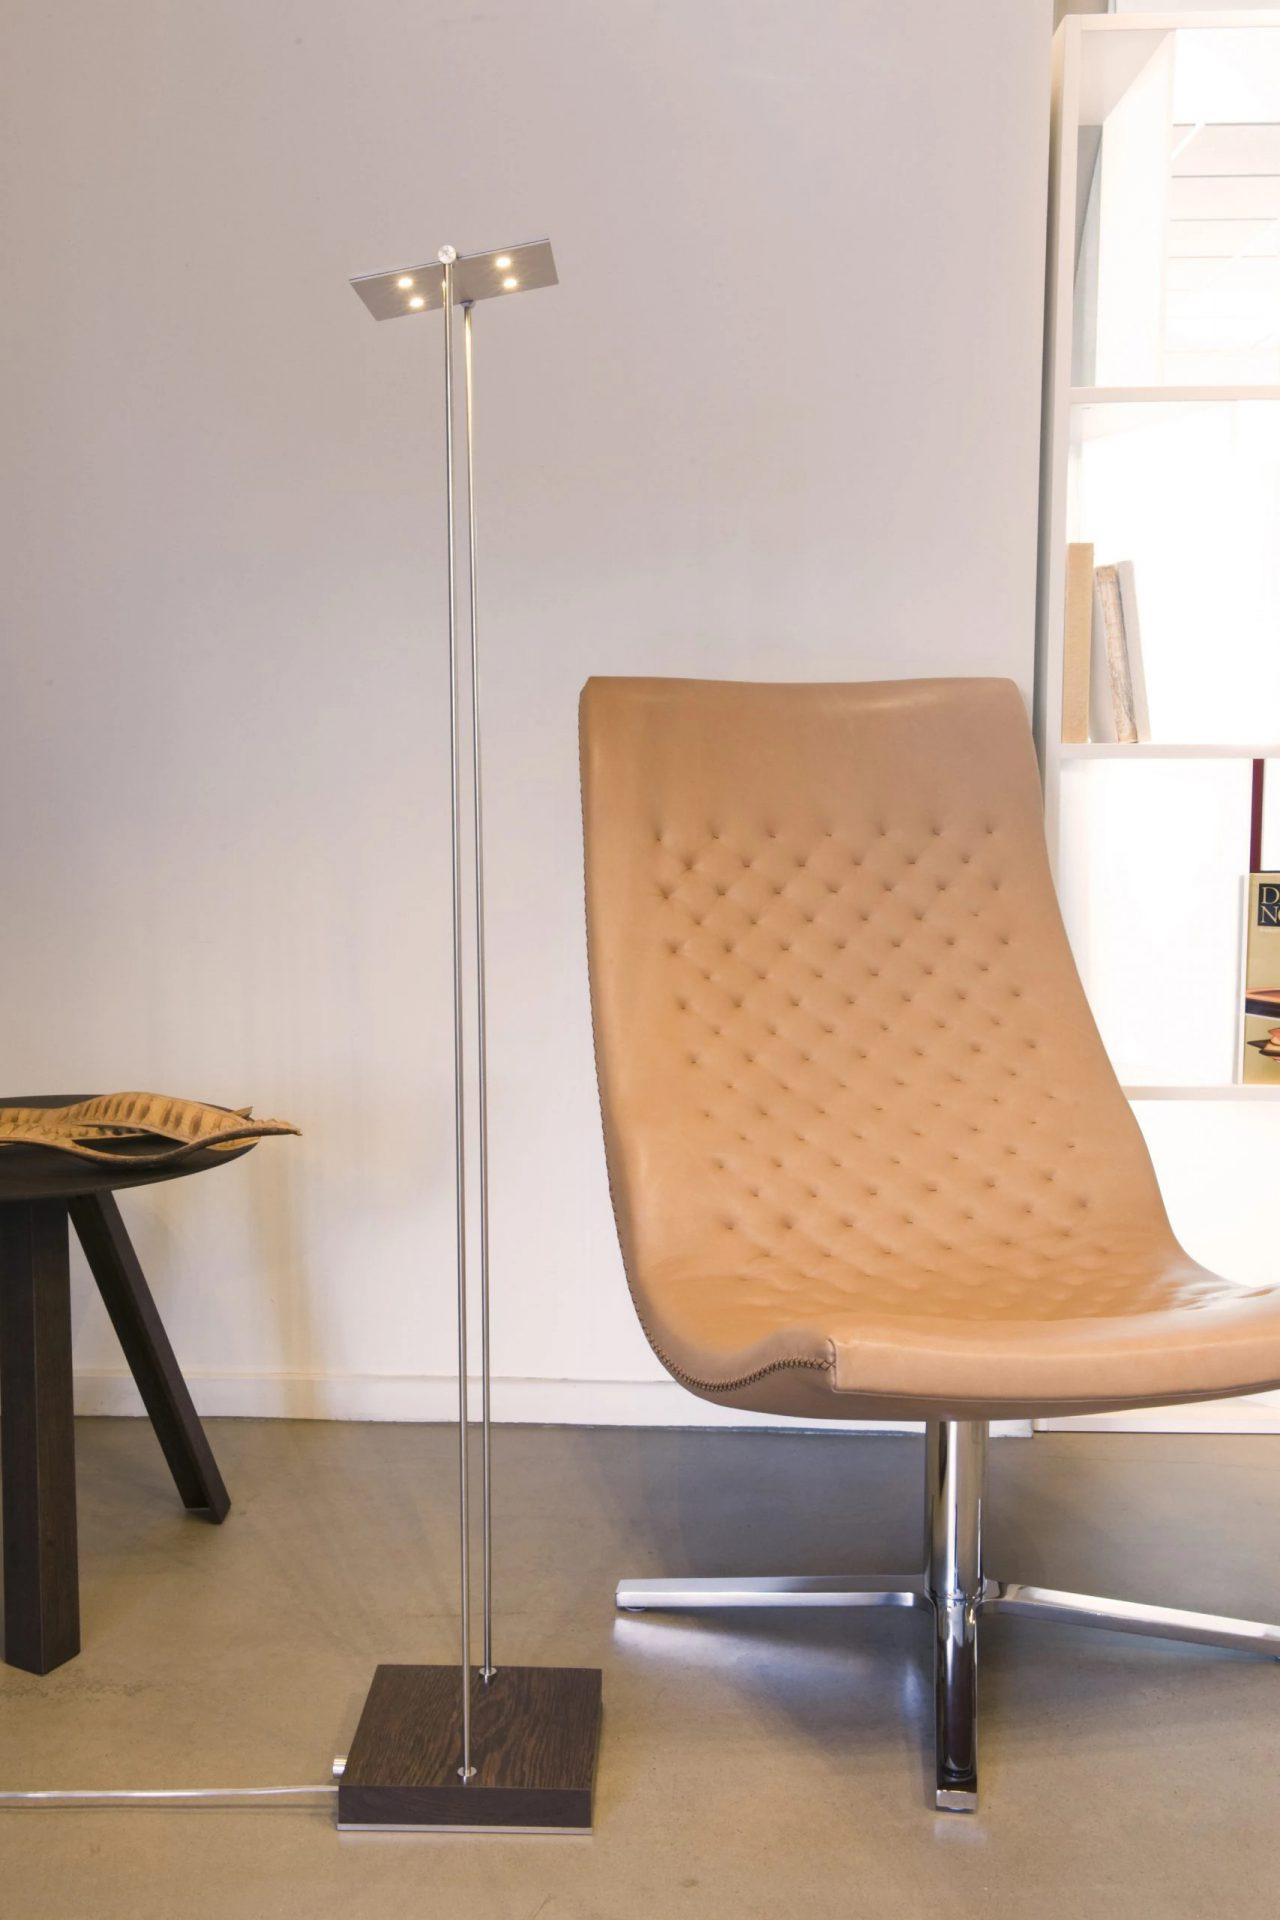 Pixel Floor FERROLIGHT Design 4 | Hoogebeen Interieur